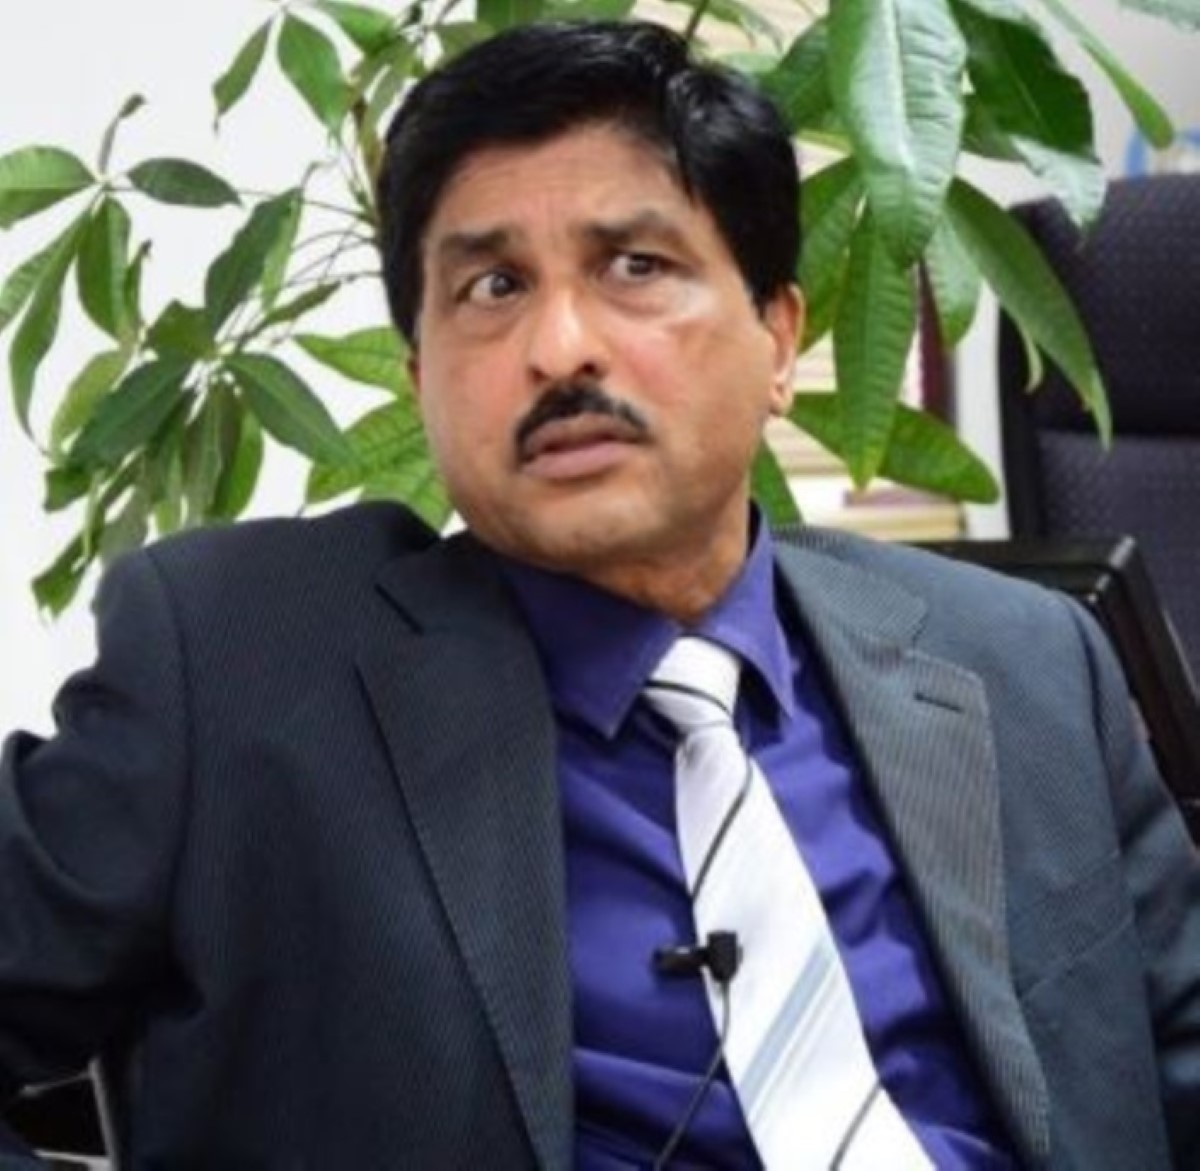 MBC : Pire qu'un morpion, Anooj Ramsurrun s'accroche et devient directeur-général adjoint